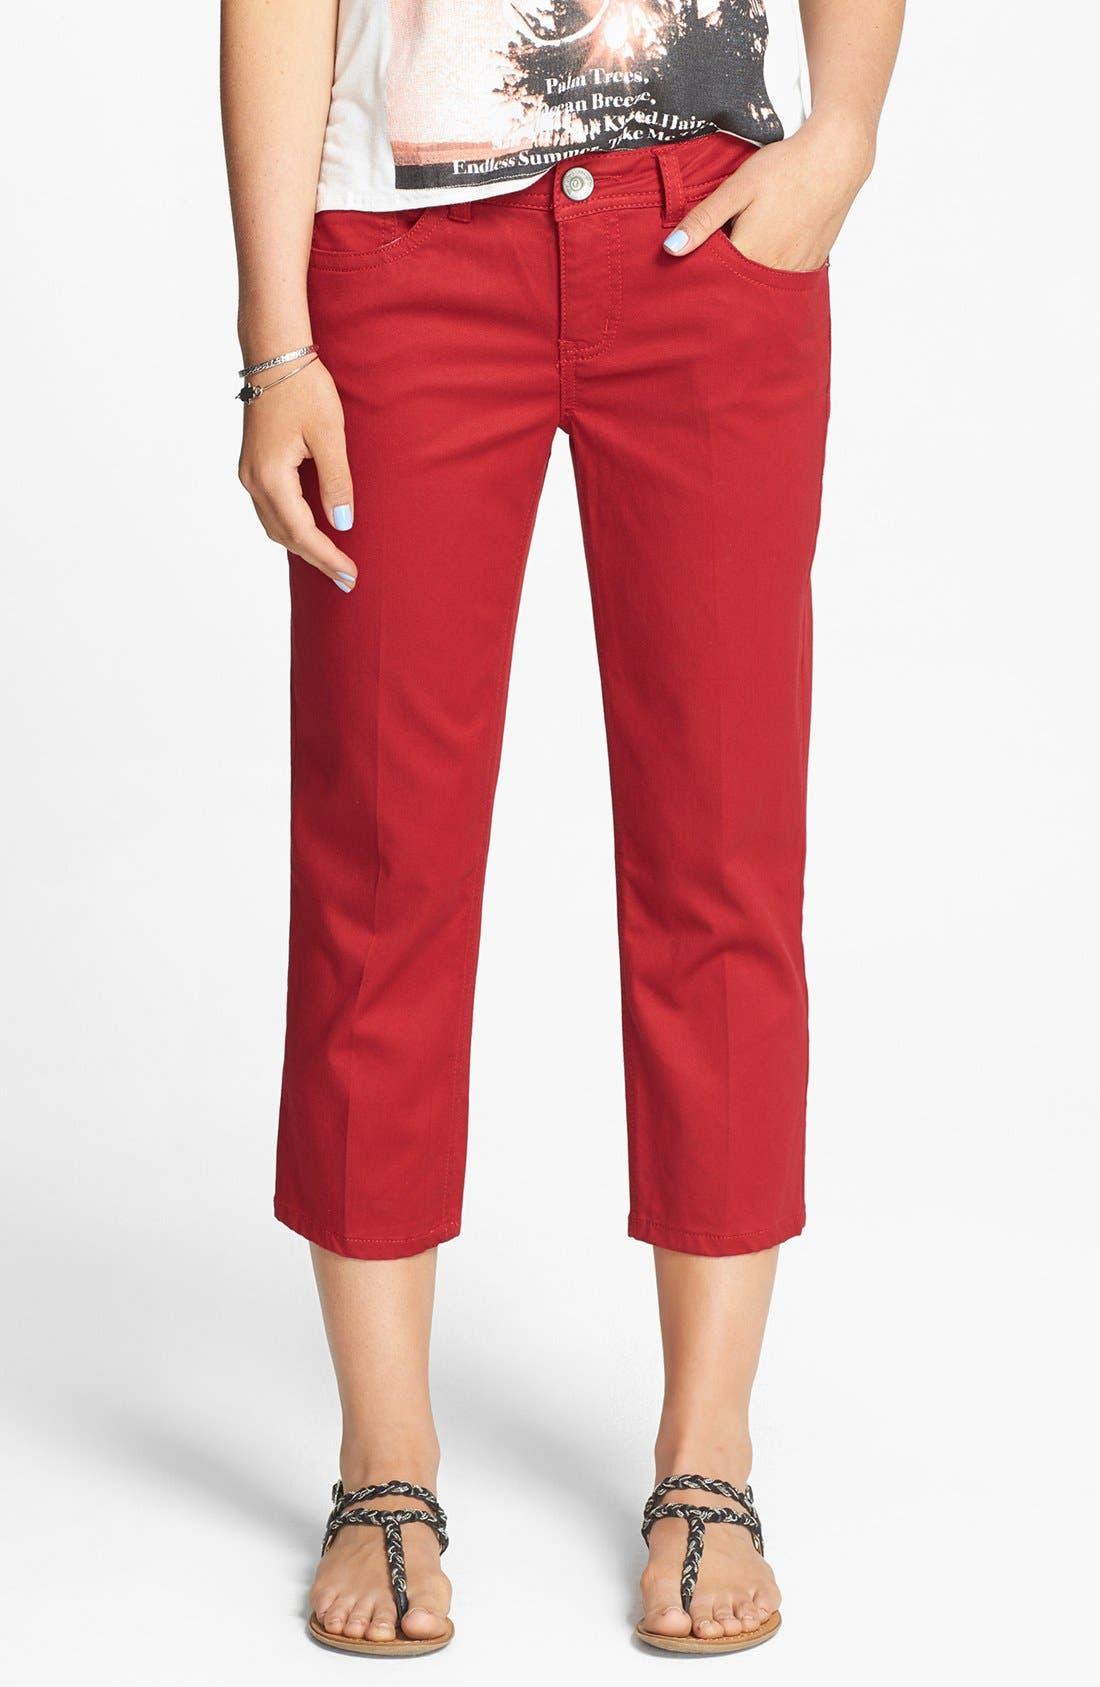 Alternate Image 1 Selected - Jolt 'Mini' Crop Skinny Jeans (Juniors)